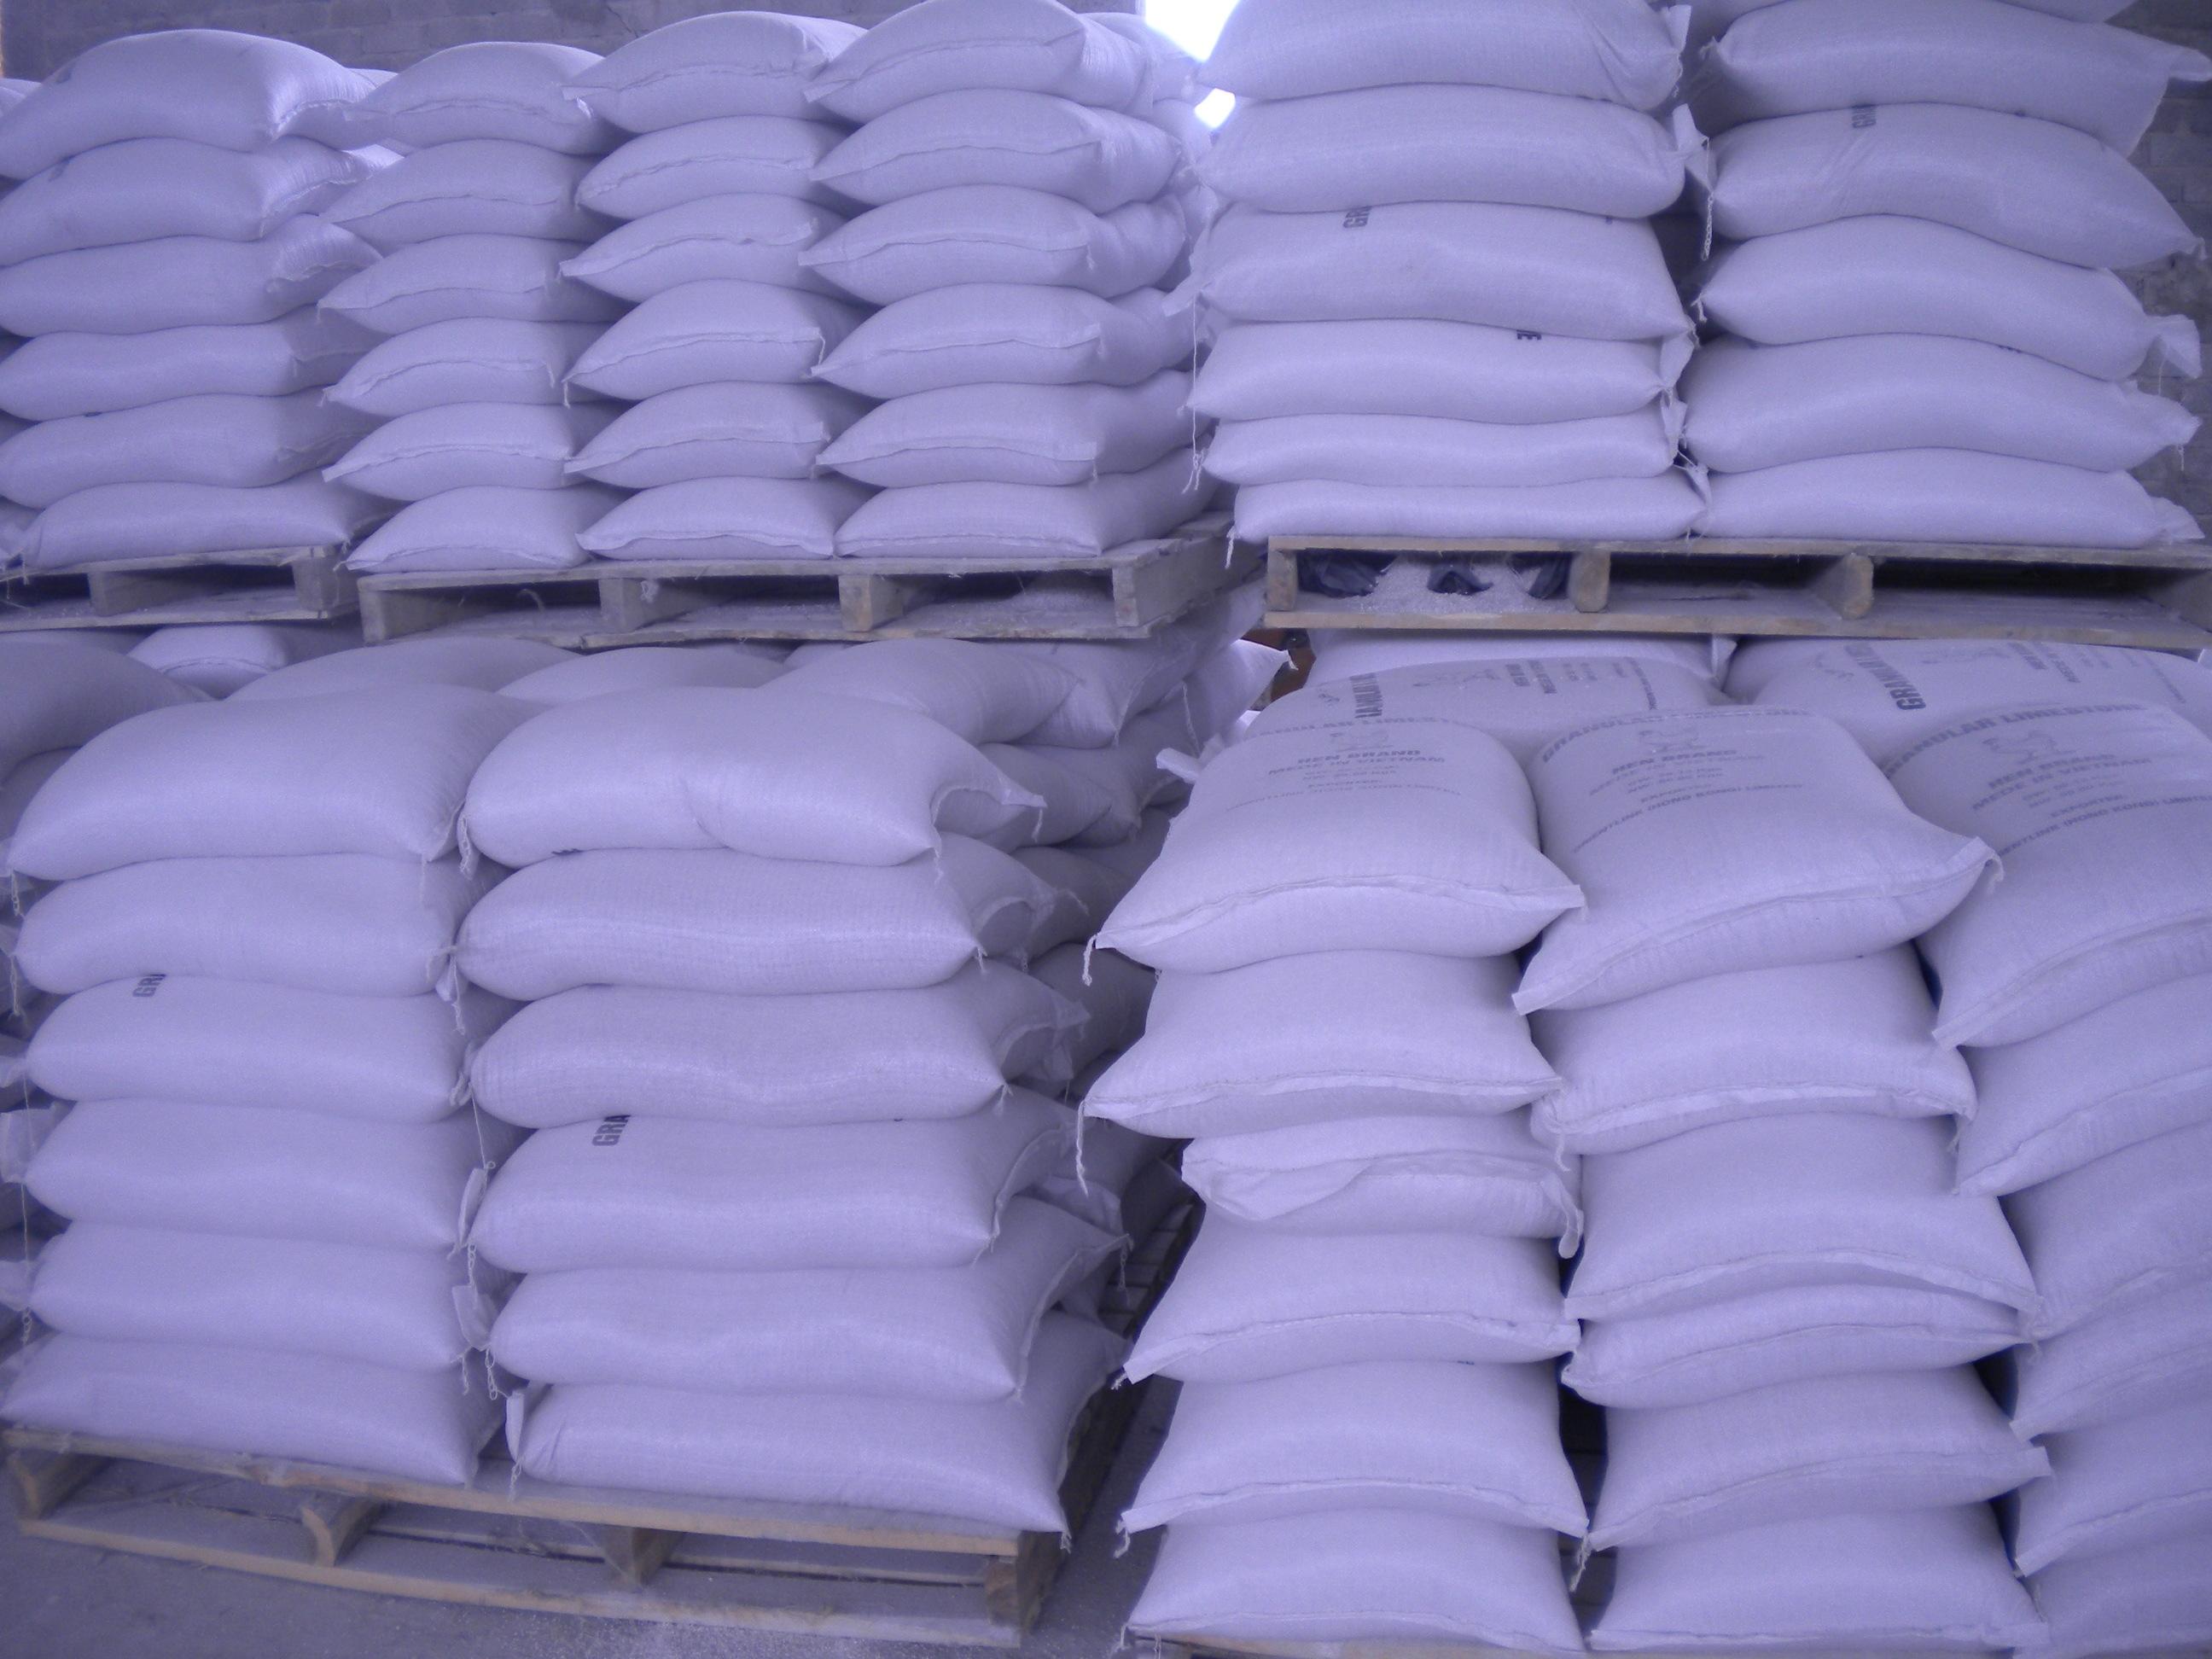 bột đá chuyên dùng cho sản xuất thức ăn gia súc